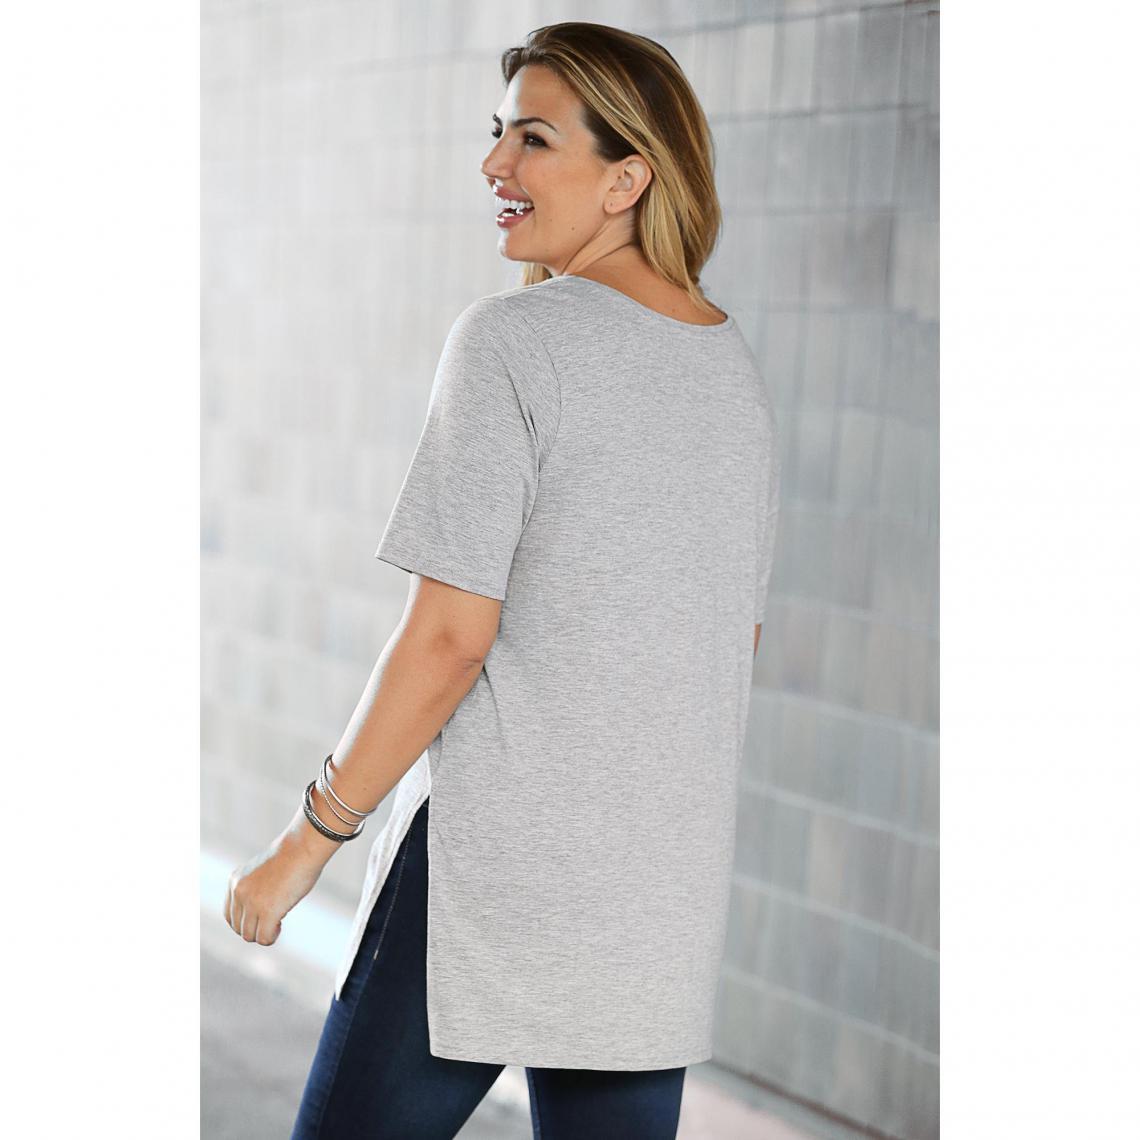 T-shirts imprimés femme 3 SUISSES Cliquez l image pour l agrandir.  Tee-shirt long fendu manches courtes femme Exclusivité 3SUISSES - gris chiné  ... 2e3c7454d99